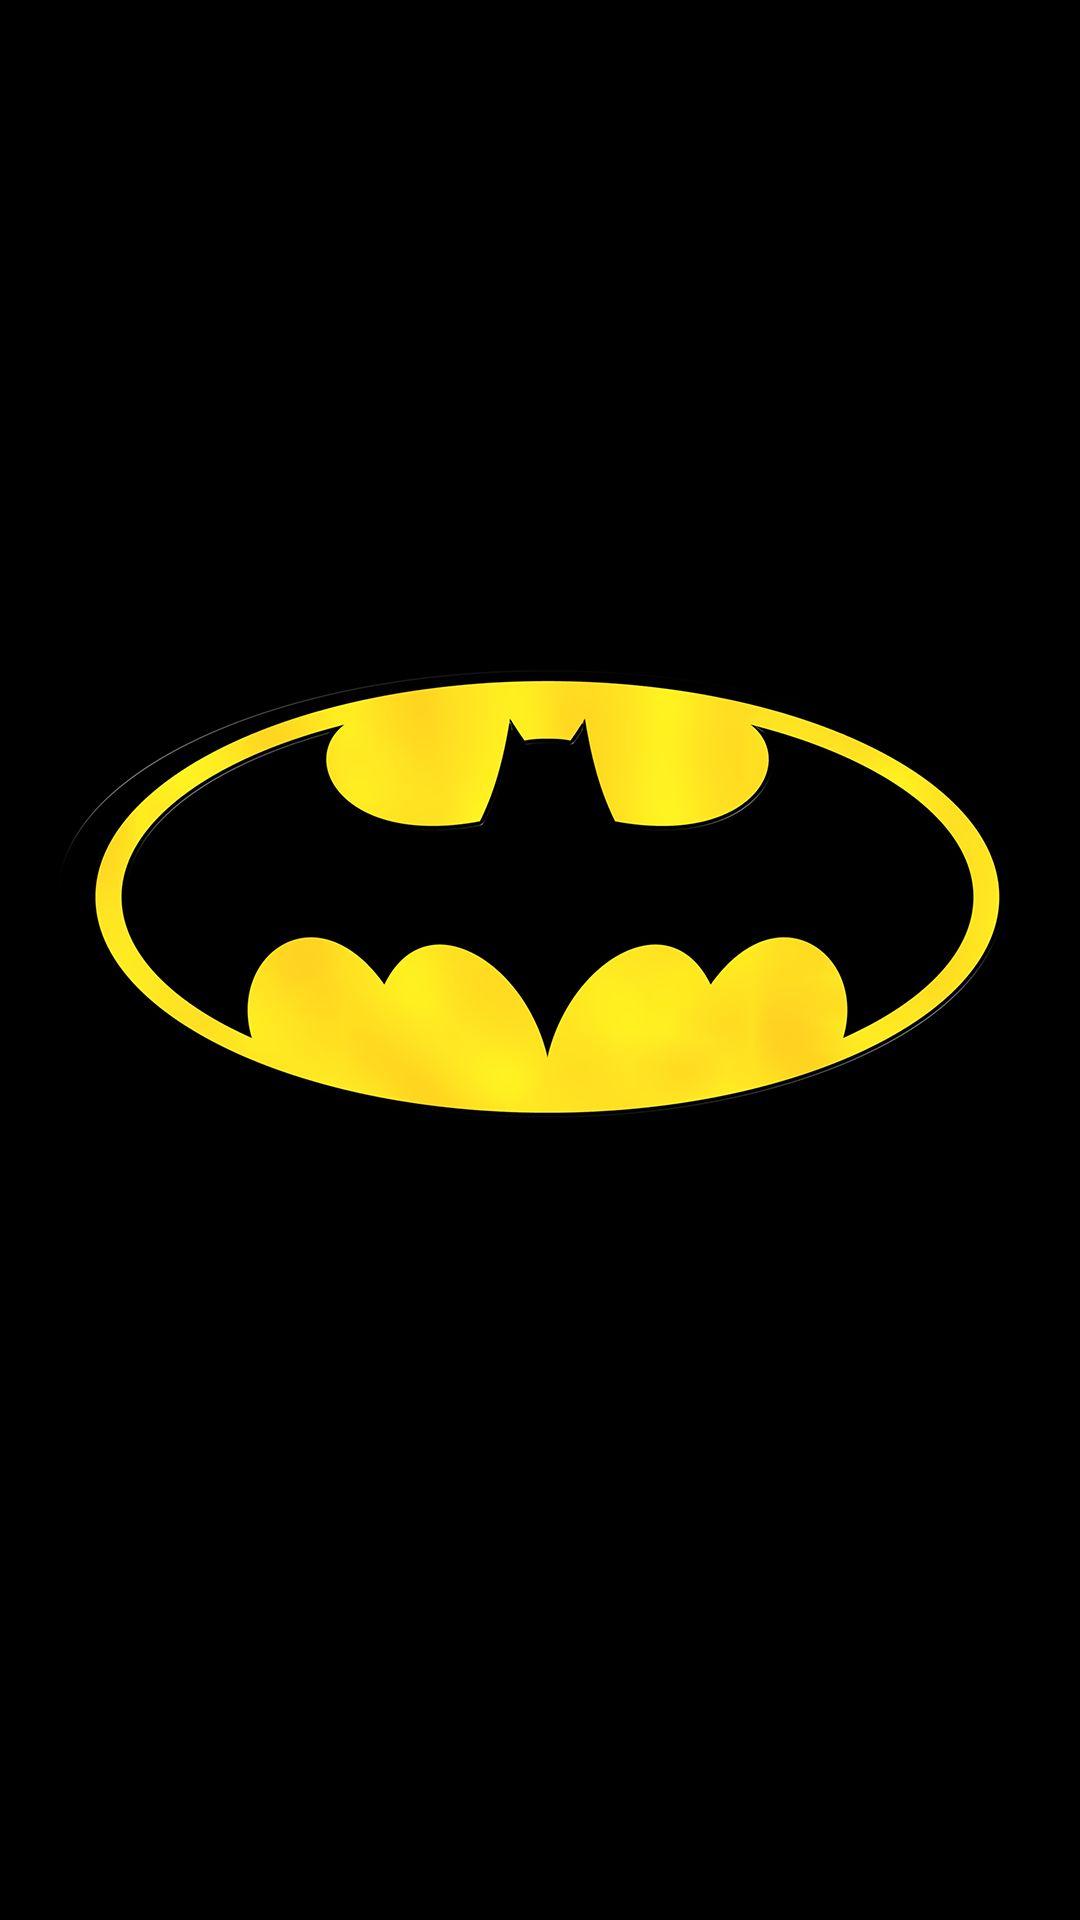 Hd Original Batman Wallpaper Download